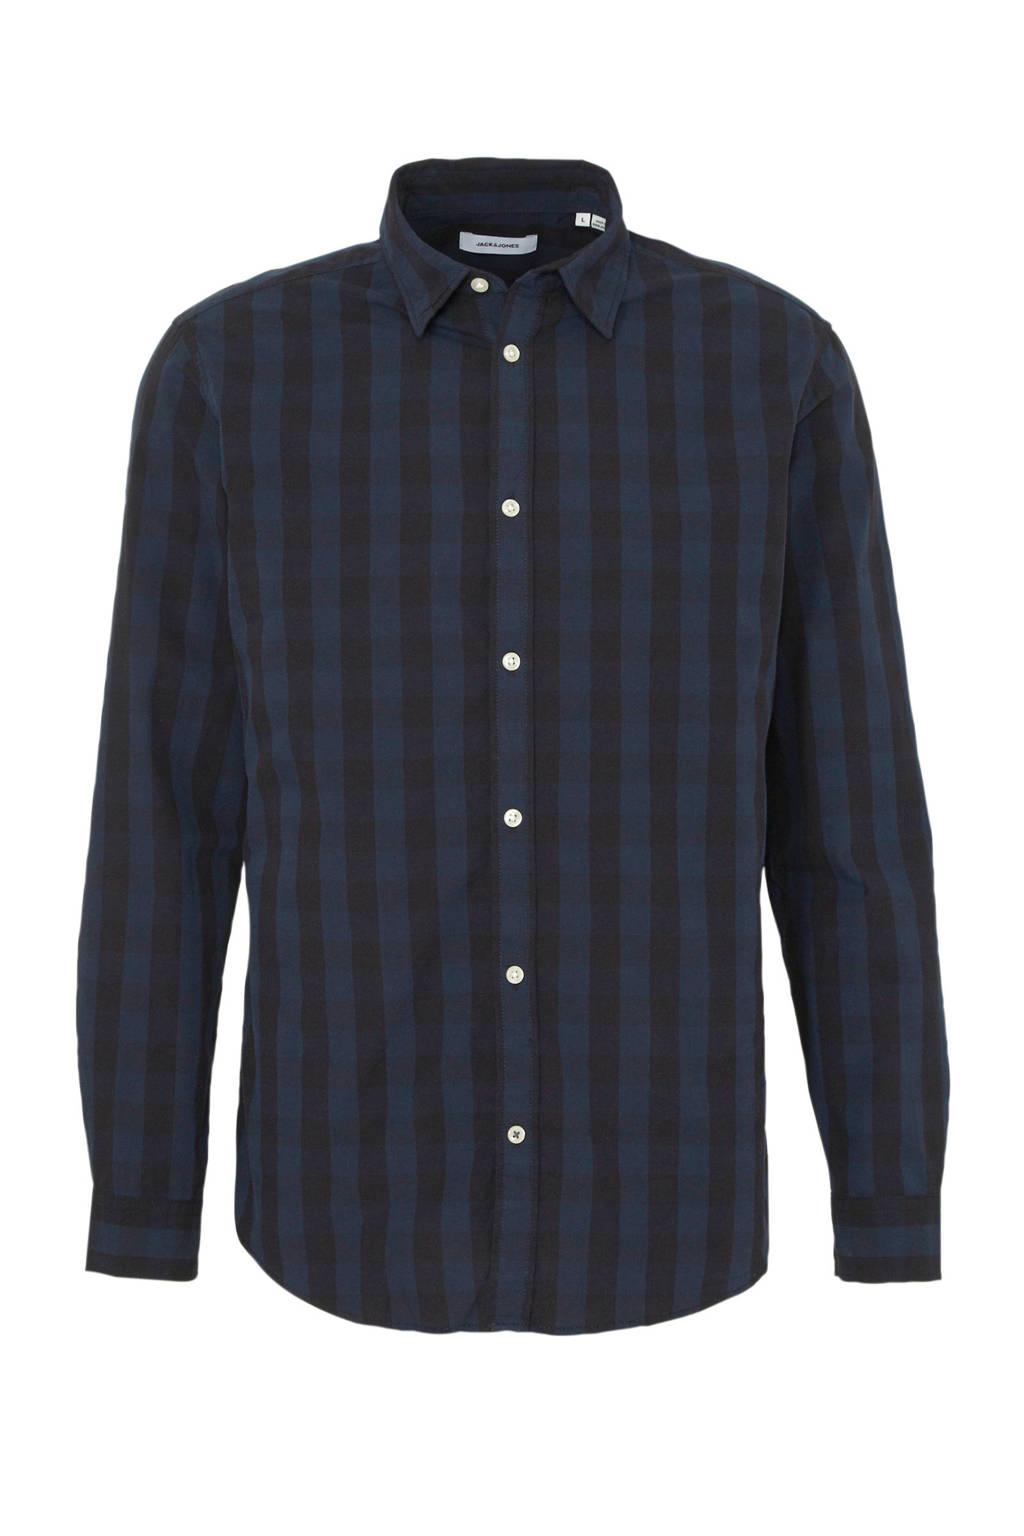 JACK & JONES ESSENTIALS gestreept regular fit overhemd donkerblauw, Donkerblauw